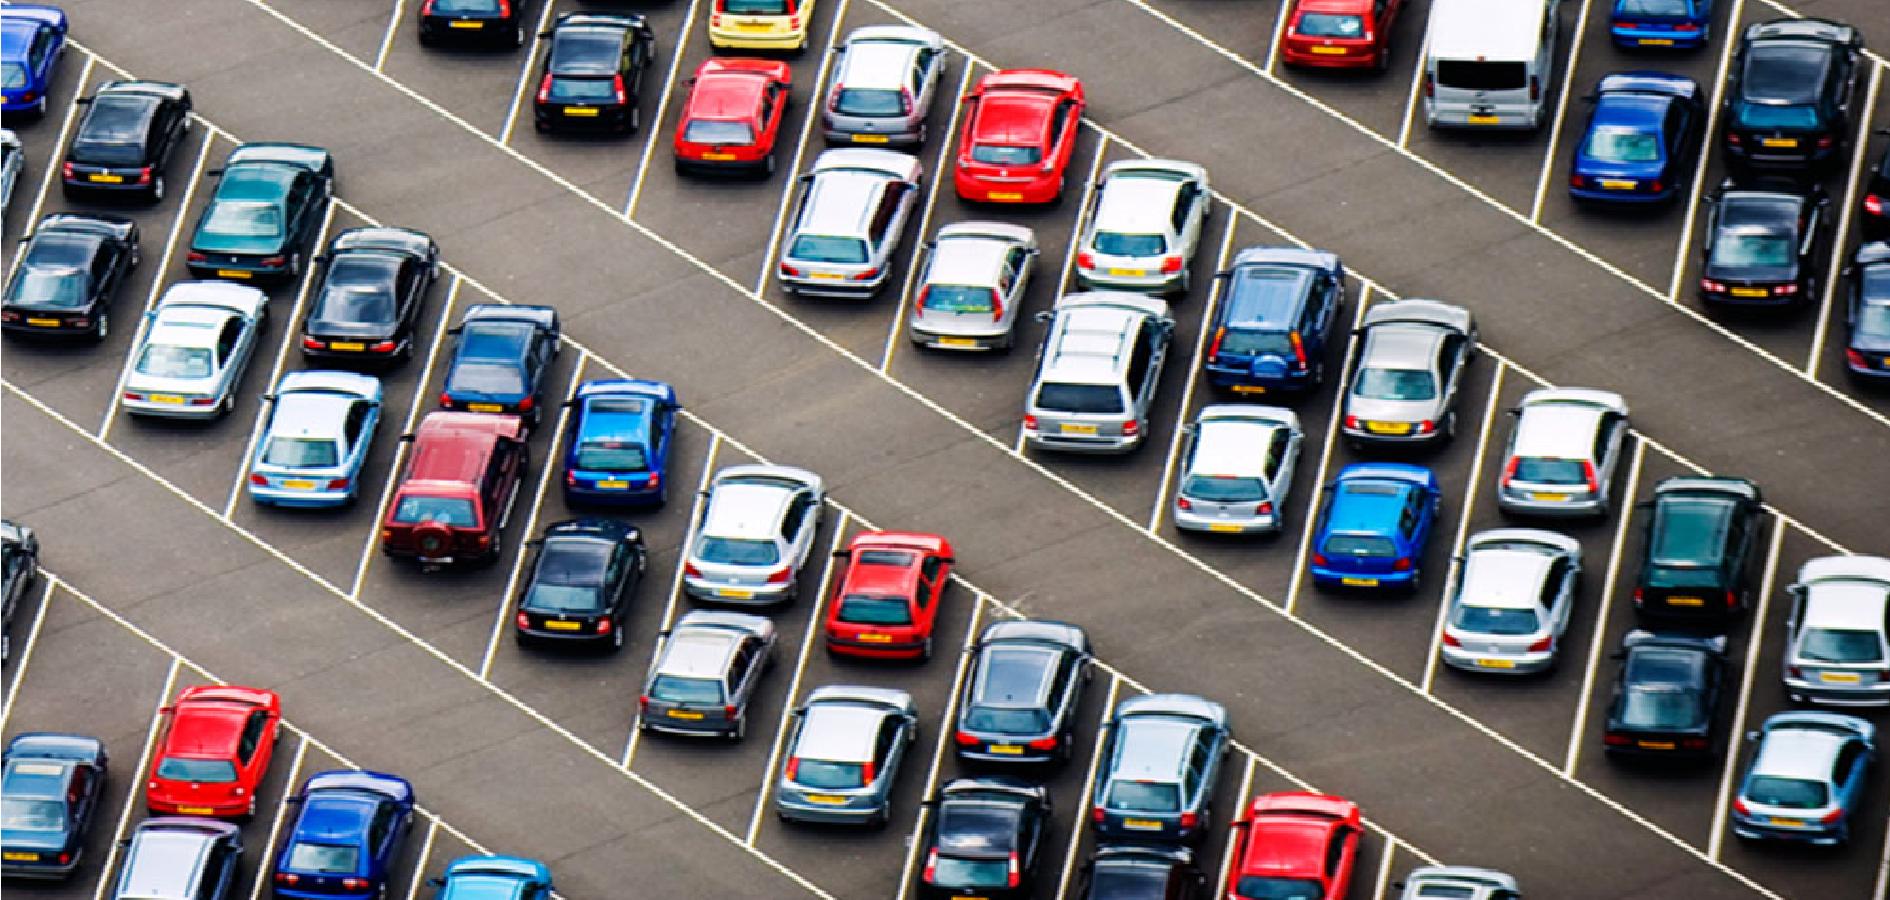 2020 yılı Temmuz ayı otomobil ve hafif ticari araç pazarı 2019 yılı aynı ayına göre %387,5 arttı